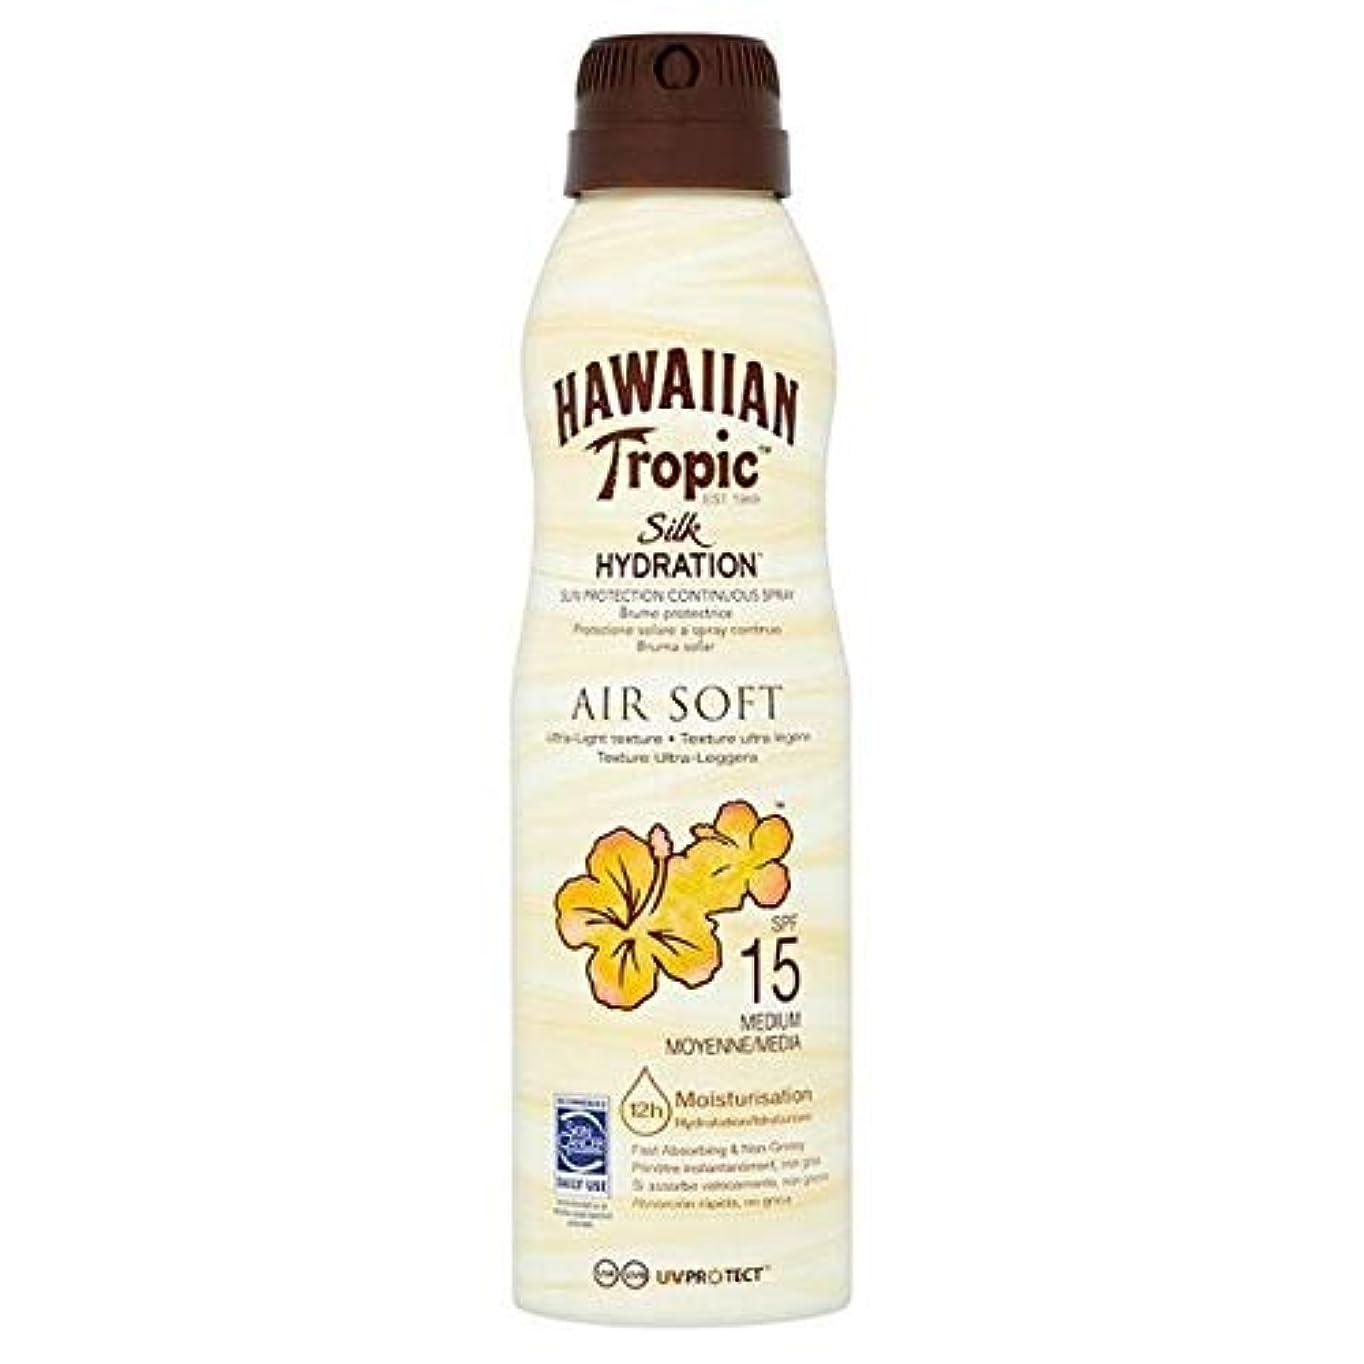 スキップのために危機[Hawaiian Tropic ] H /向性絹水和エアガン連続スプレーSpf15の177ミリリットル - H/Tropic Silk Hydration Airsoft Continuous Spray SPF15...